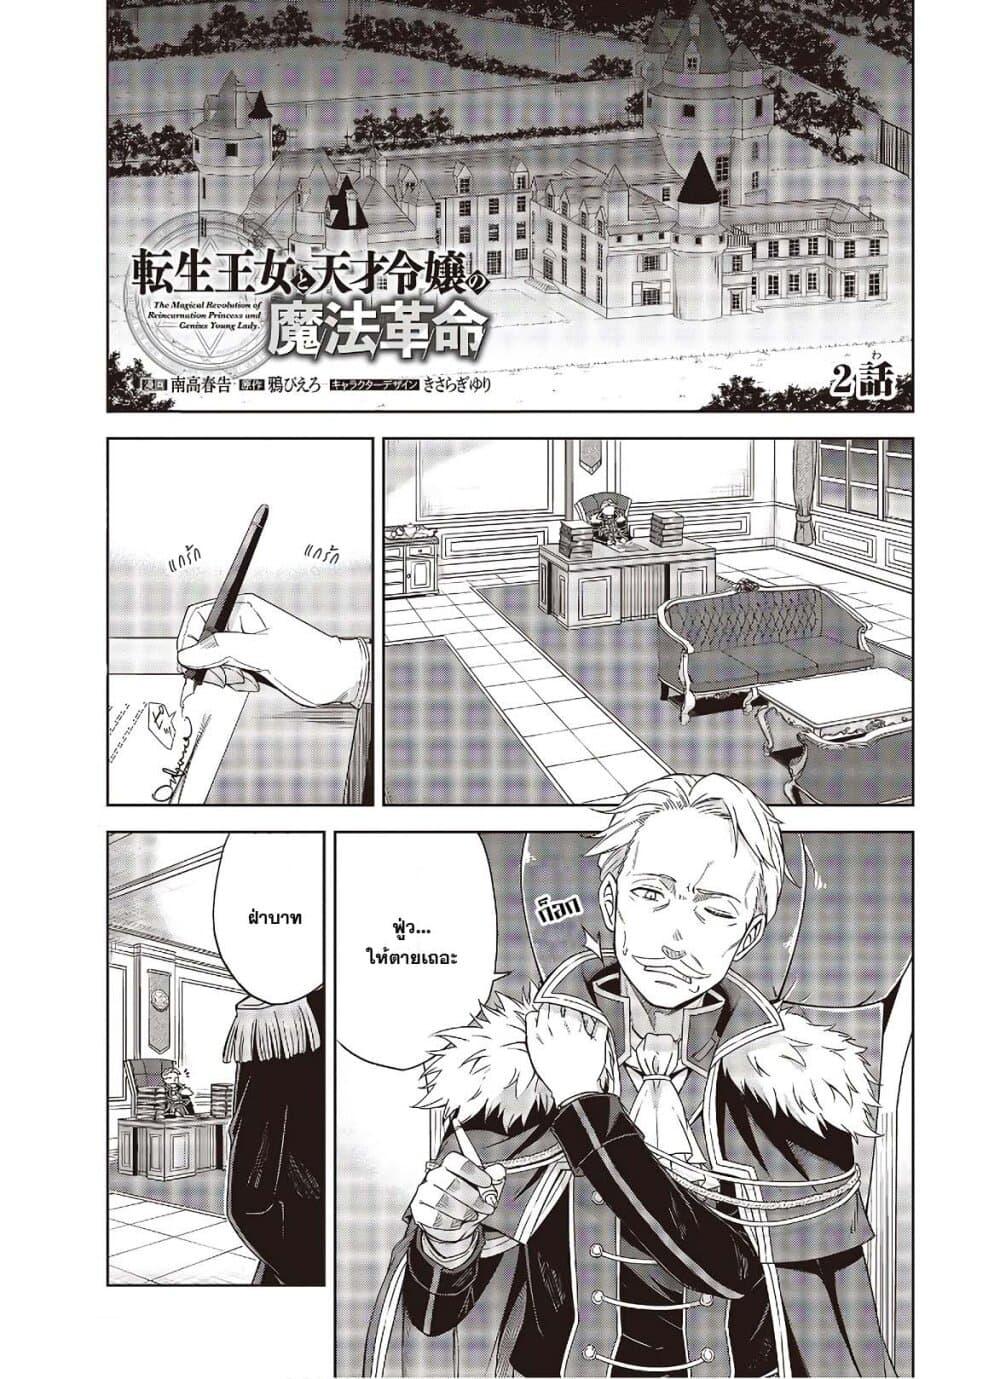 Tensei Oujo to Tensai Reijou no Mahou Kakumei การปฏิวัติเวทมนตร์ขององค์หญิงเกิดใหม่และคุณหนูอัจฉริยะ ตอนที่ 2